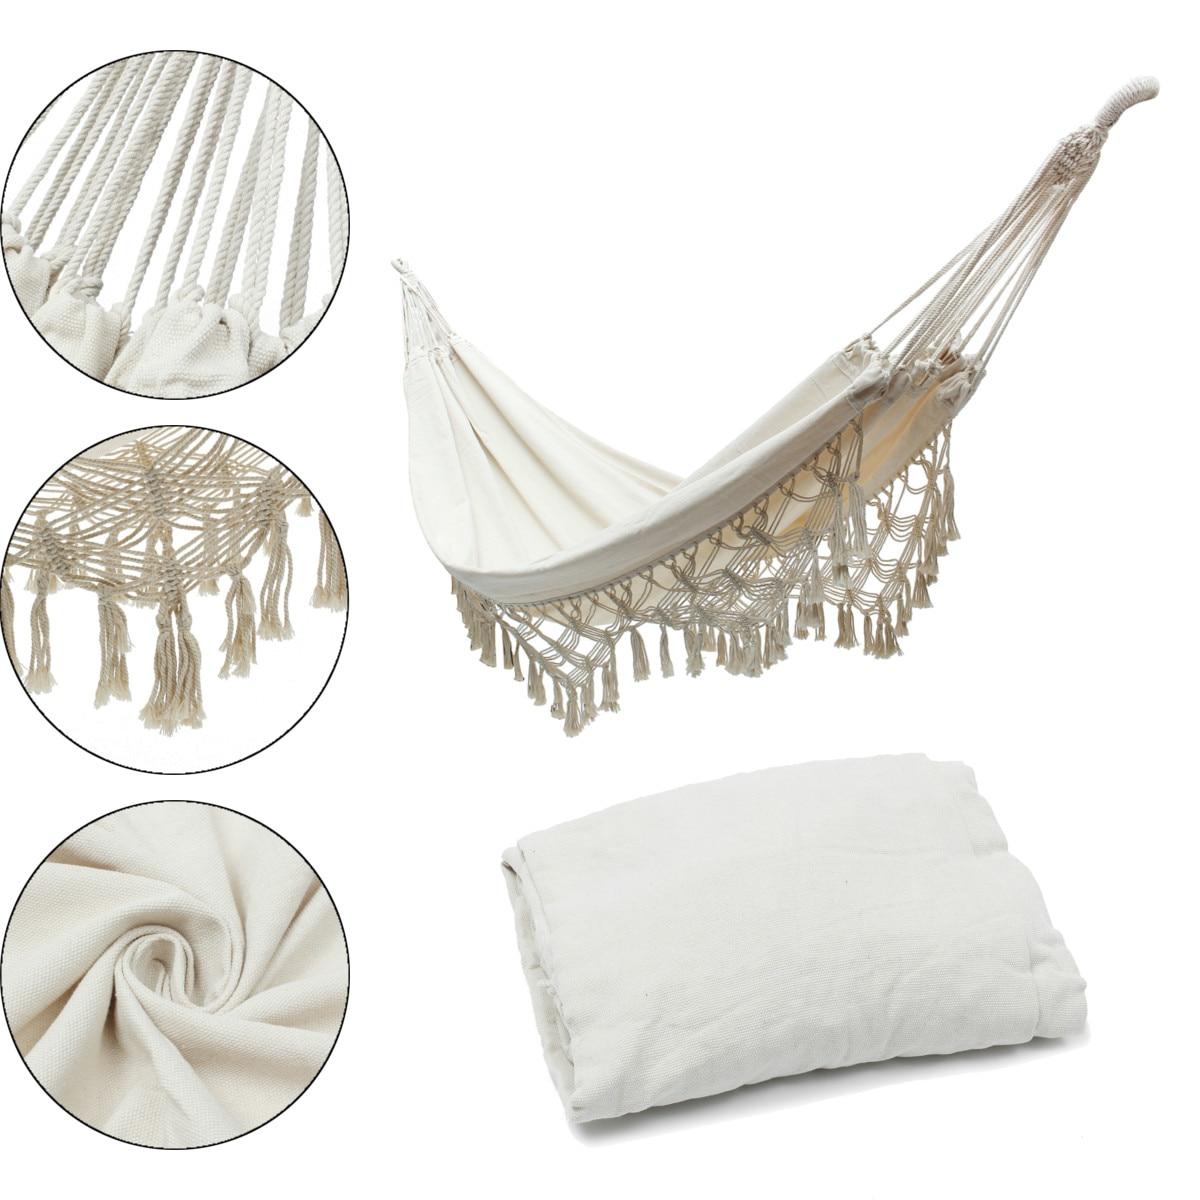 Nouveau hamac chaises balançoire jardin extérieur maison blanc coton corde maroc macramé hamac chaises balançoire Yard loisirs suspendu lit